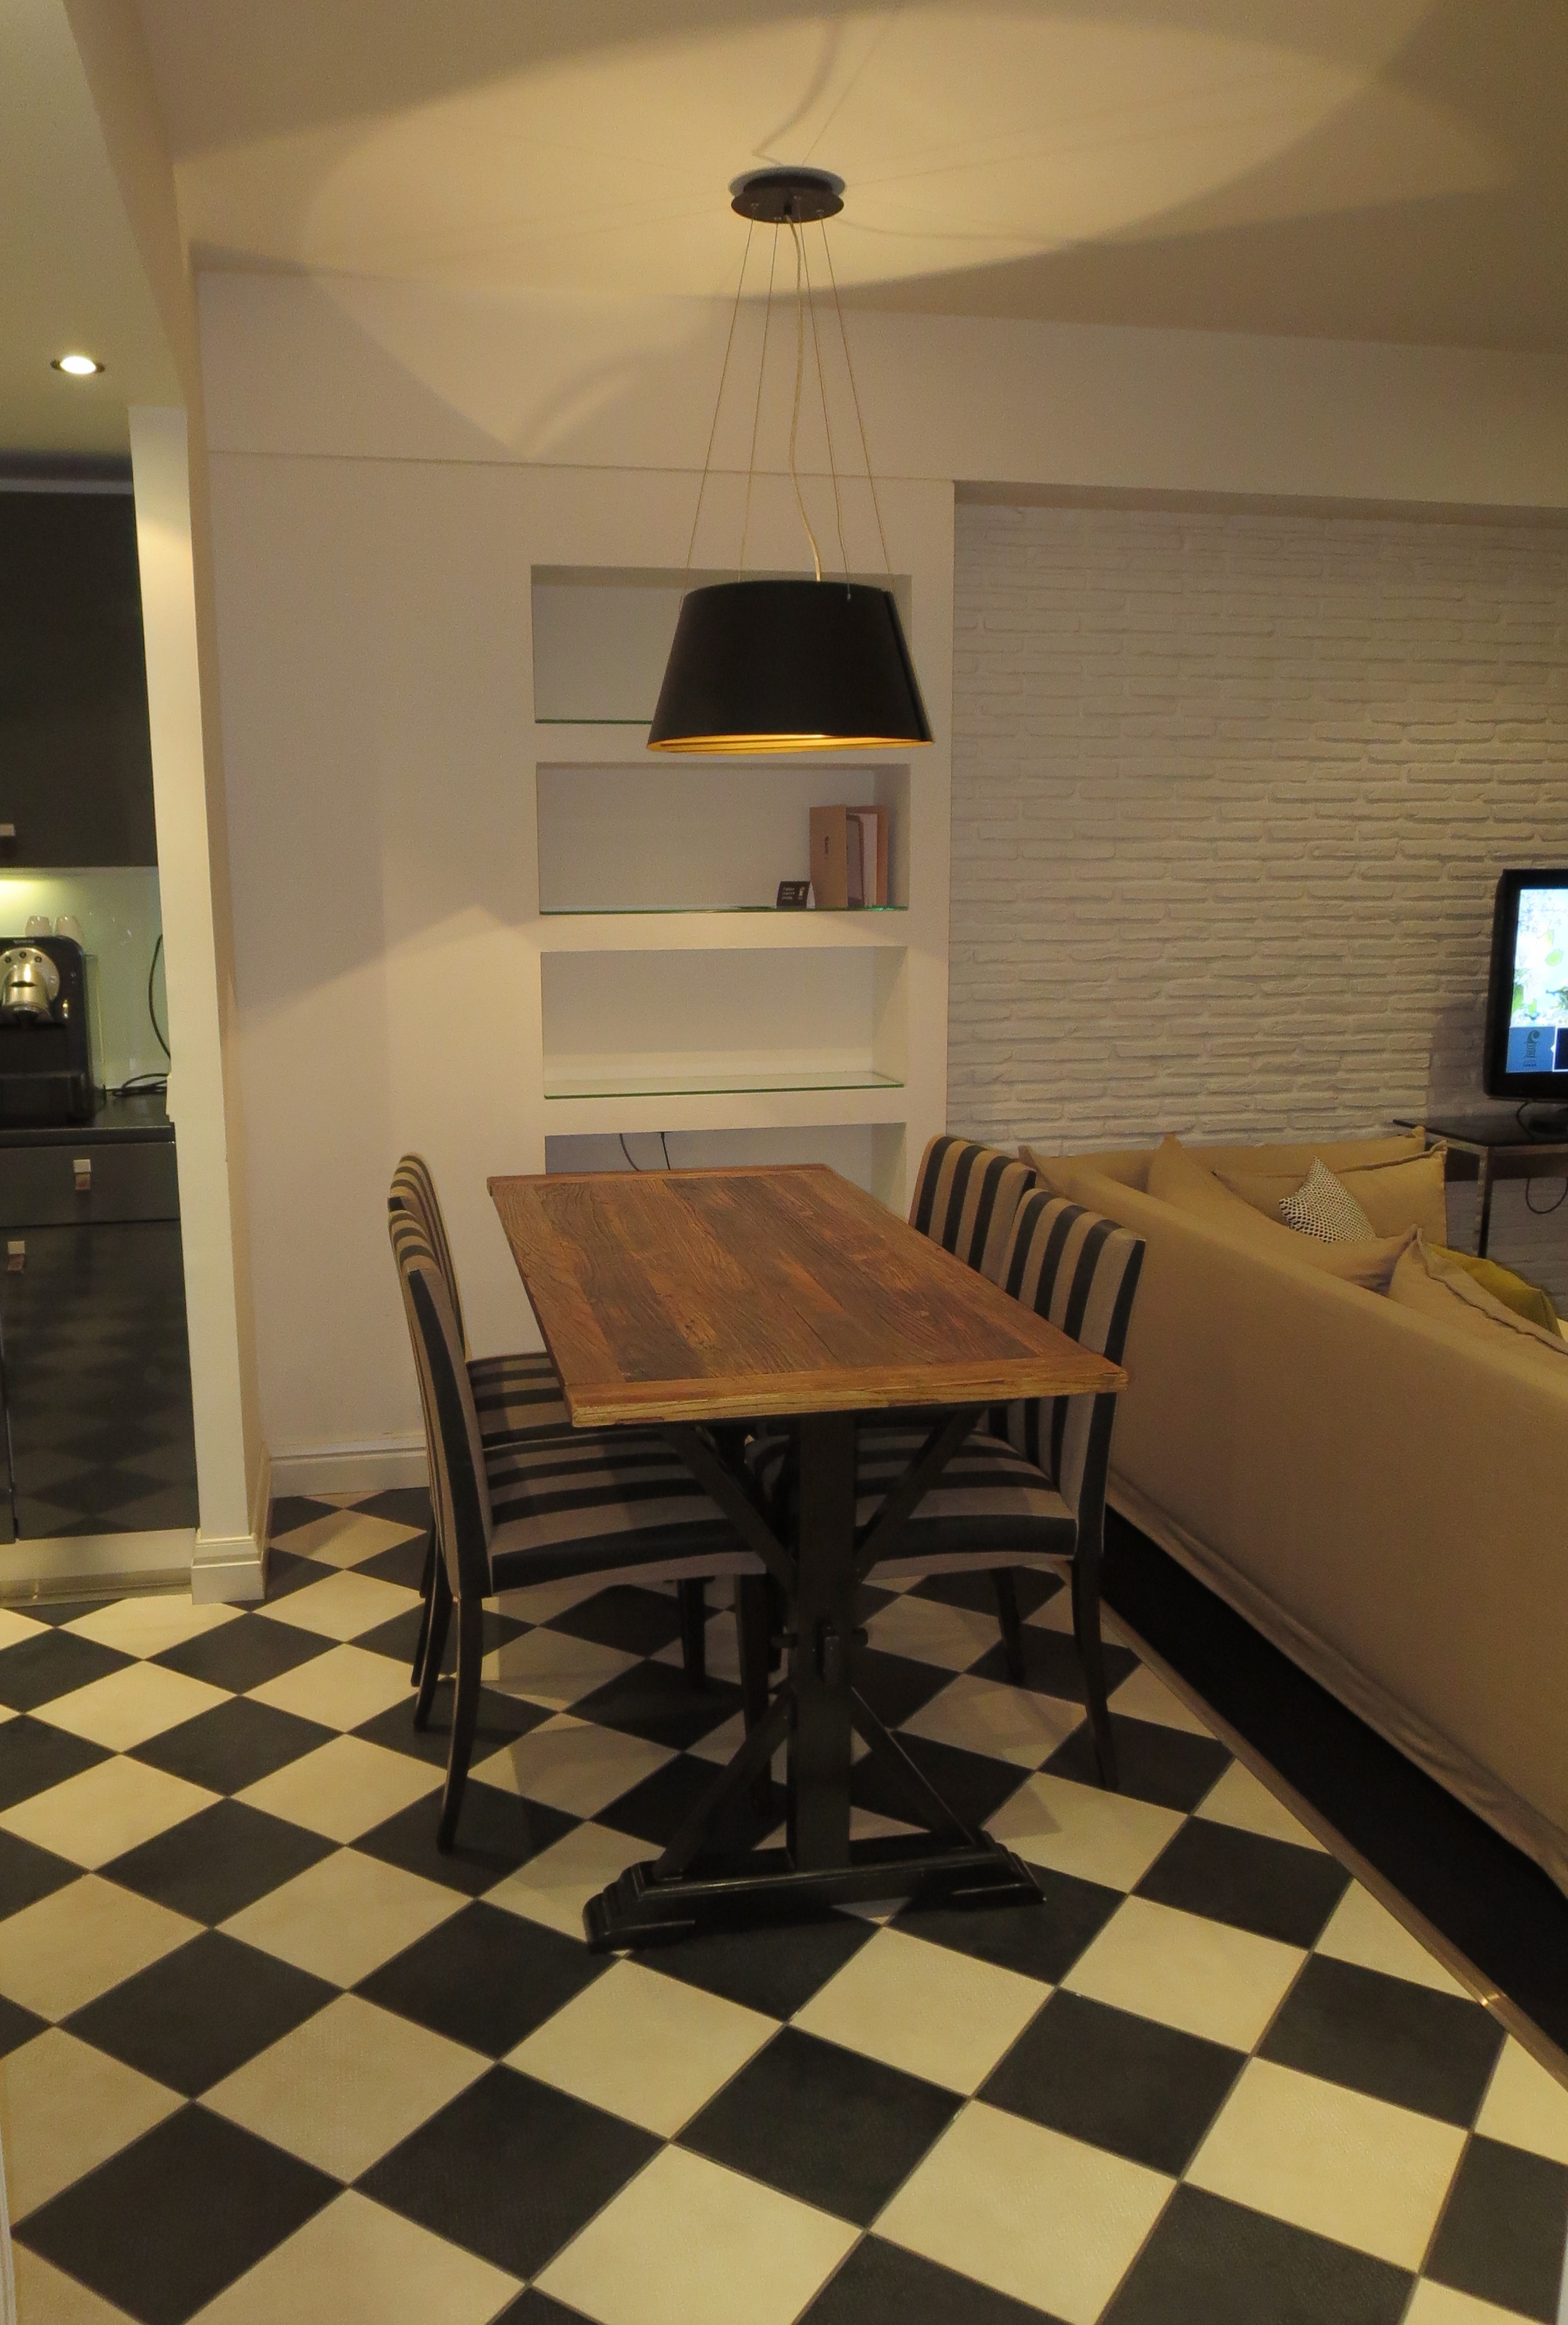 412 Best Bedrooms Images On Pinterest: Hotel Fabian In Helsinki Has The Best Showers